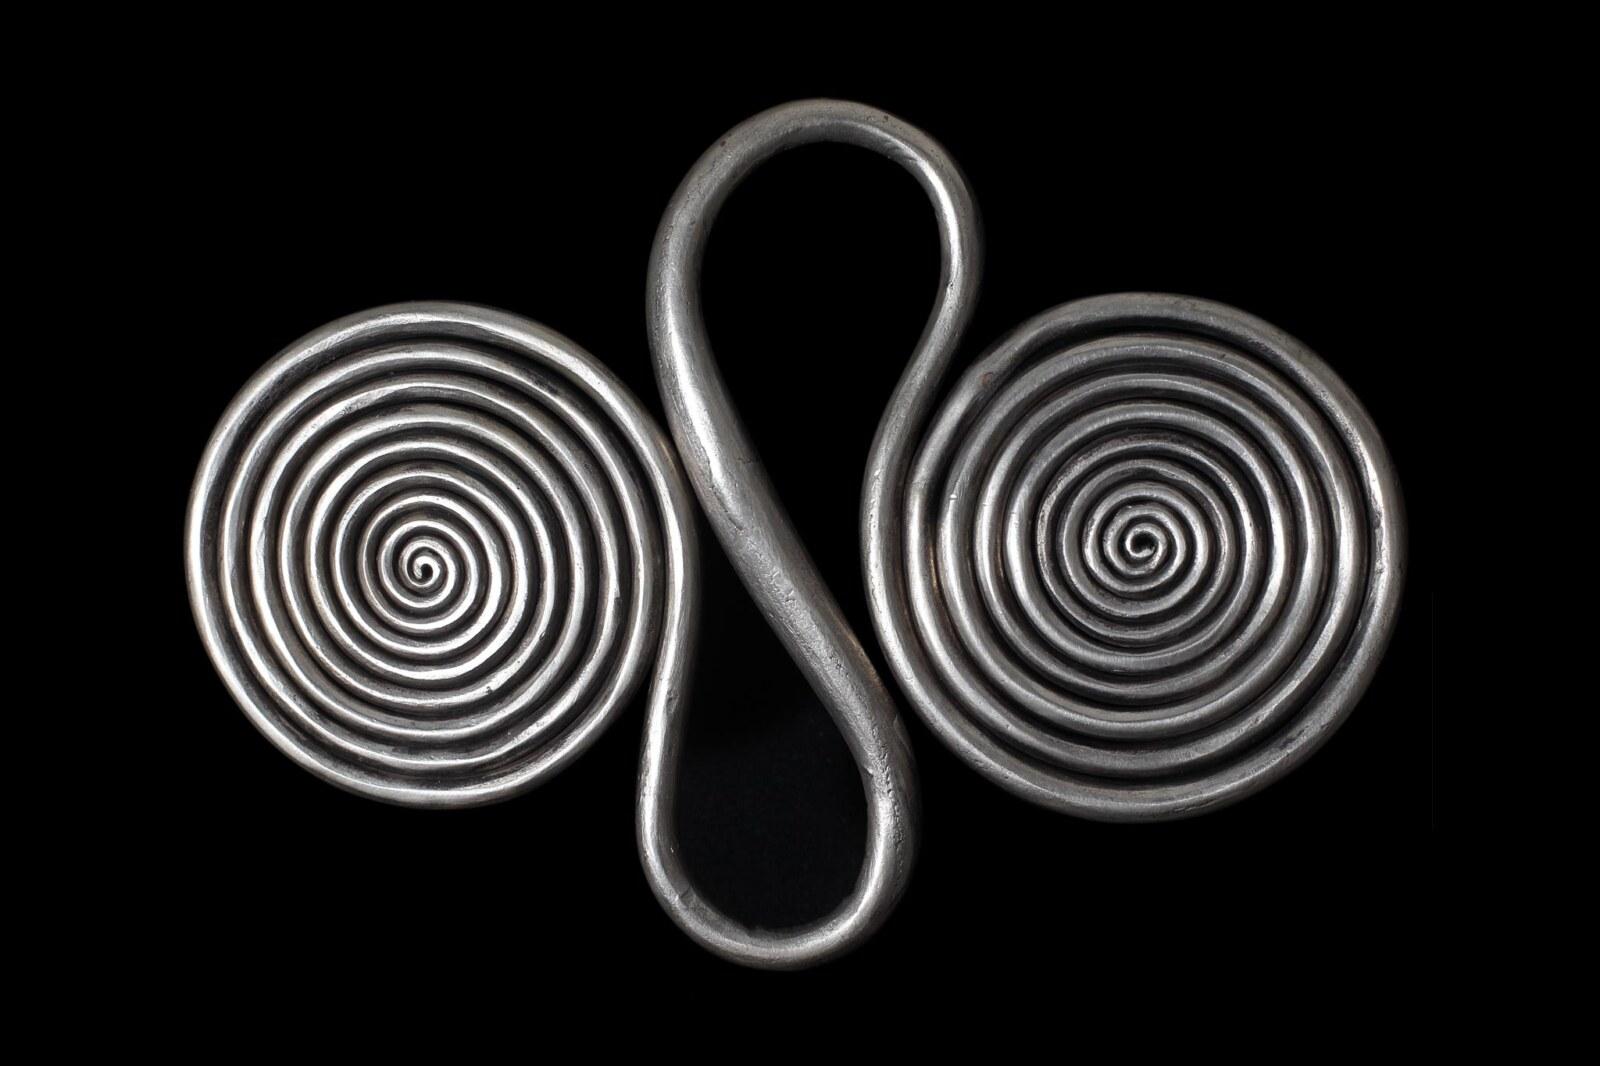 モン族(ミャオ族)の銀装飾品に現れる螺旋文様